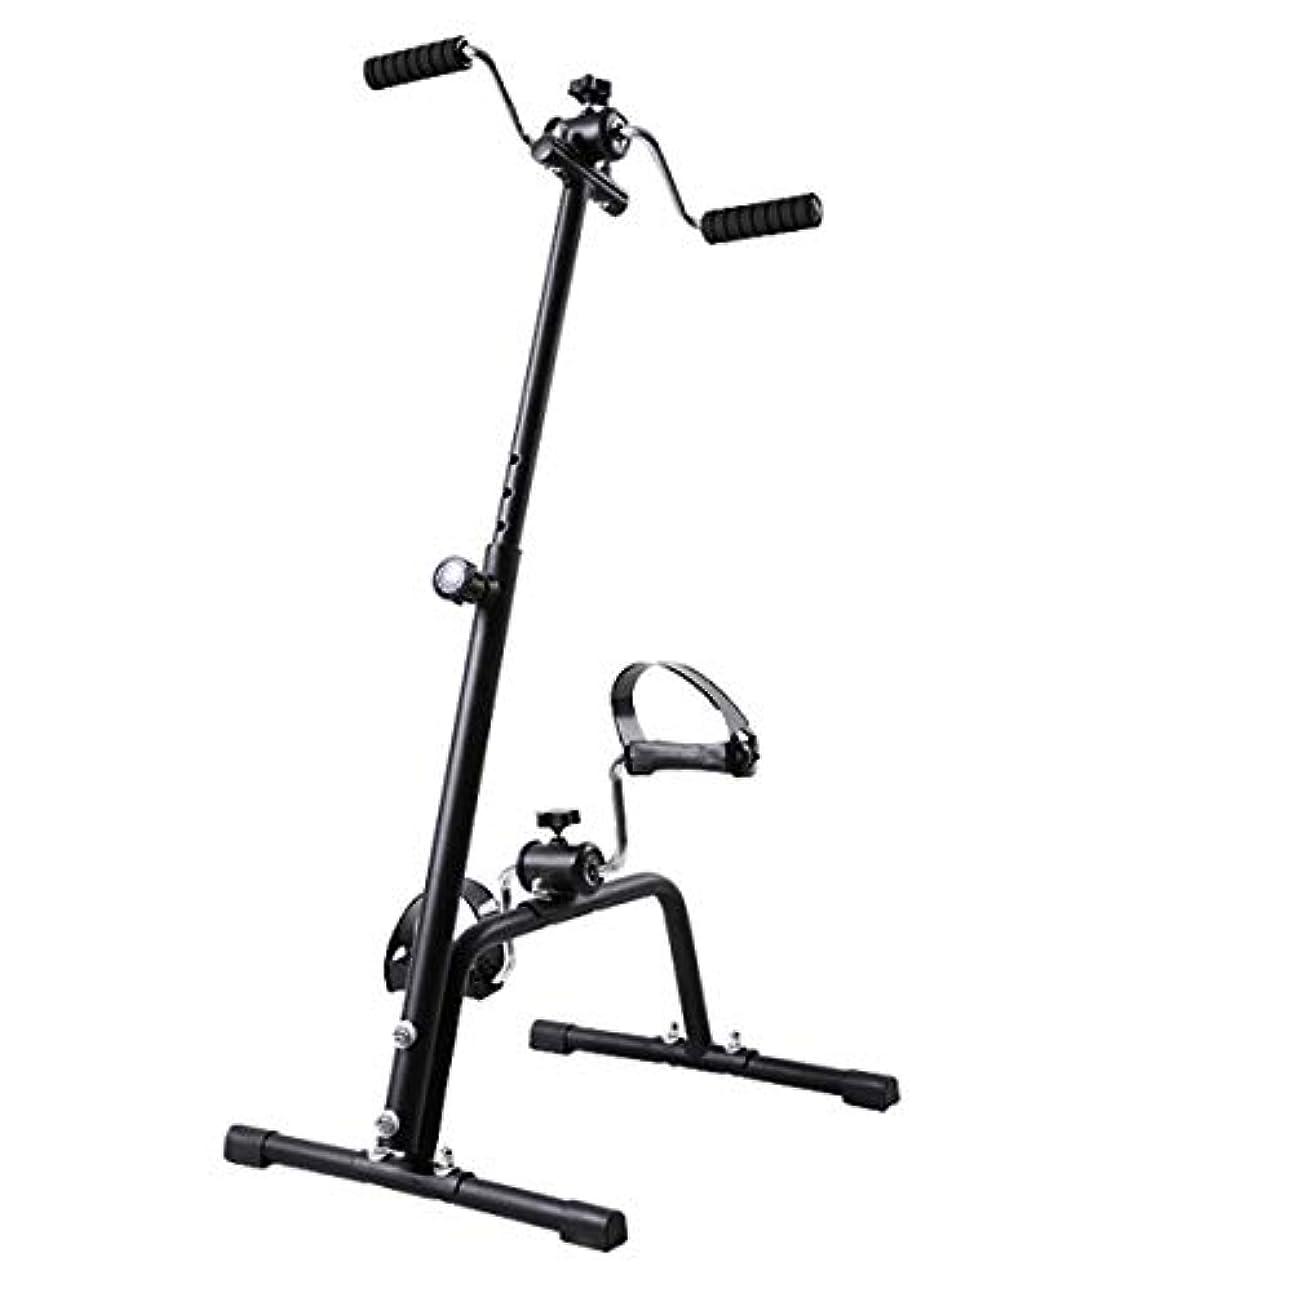 ハイライトジュース呼吸メディカル全身エクササイザー、ホームレッグアームペダルエクササイザー、上肢および下肢のトレーニング機器、ホーム理学療法フィットネスミニバイク,A